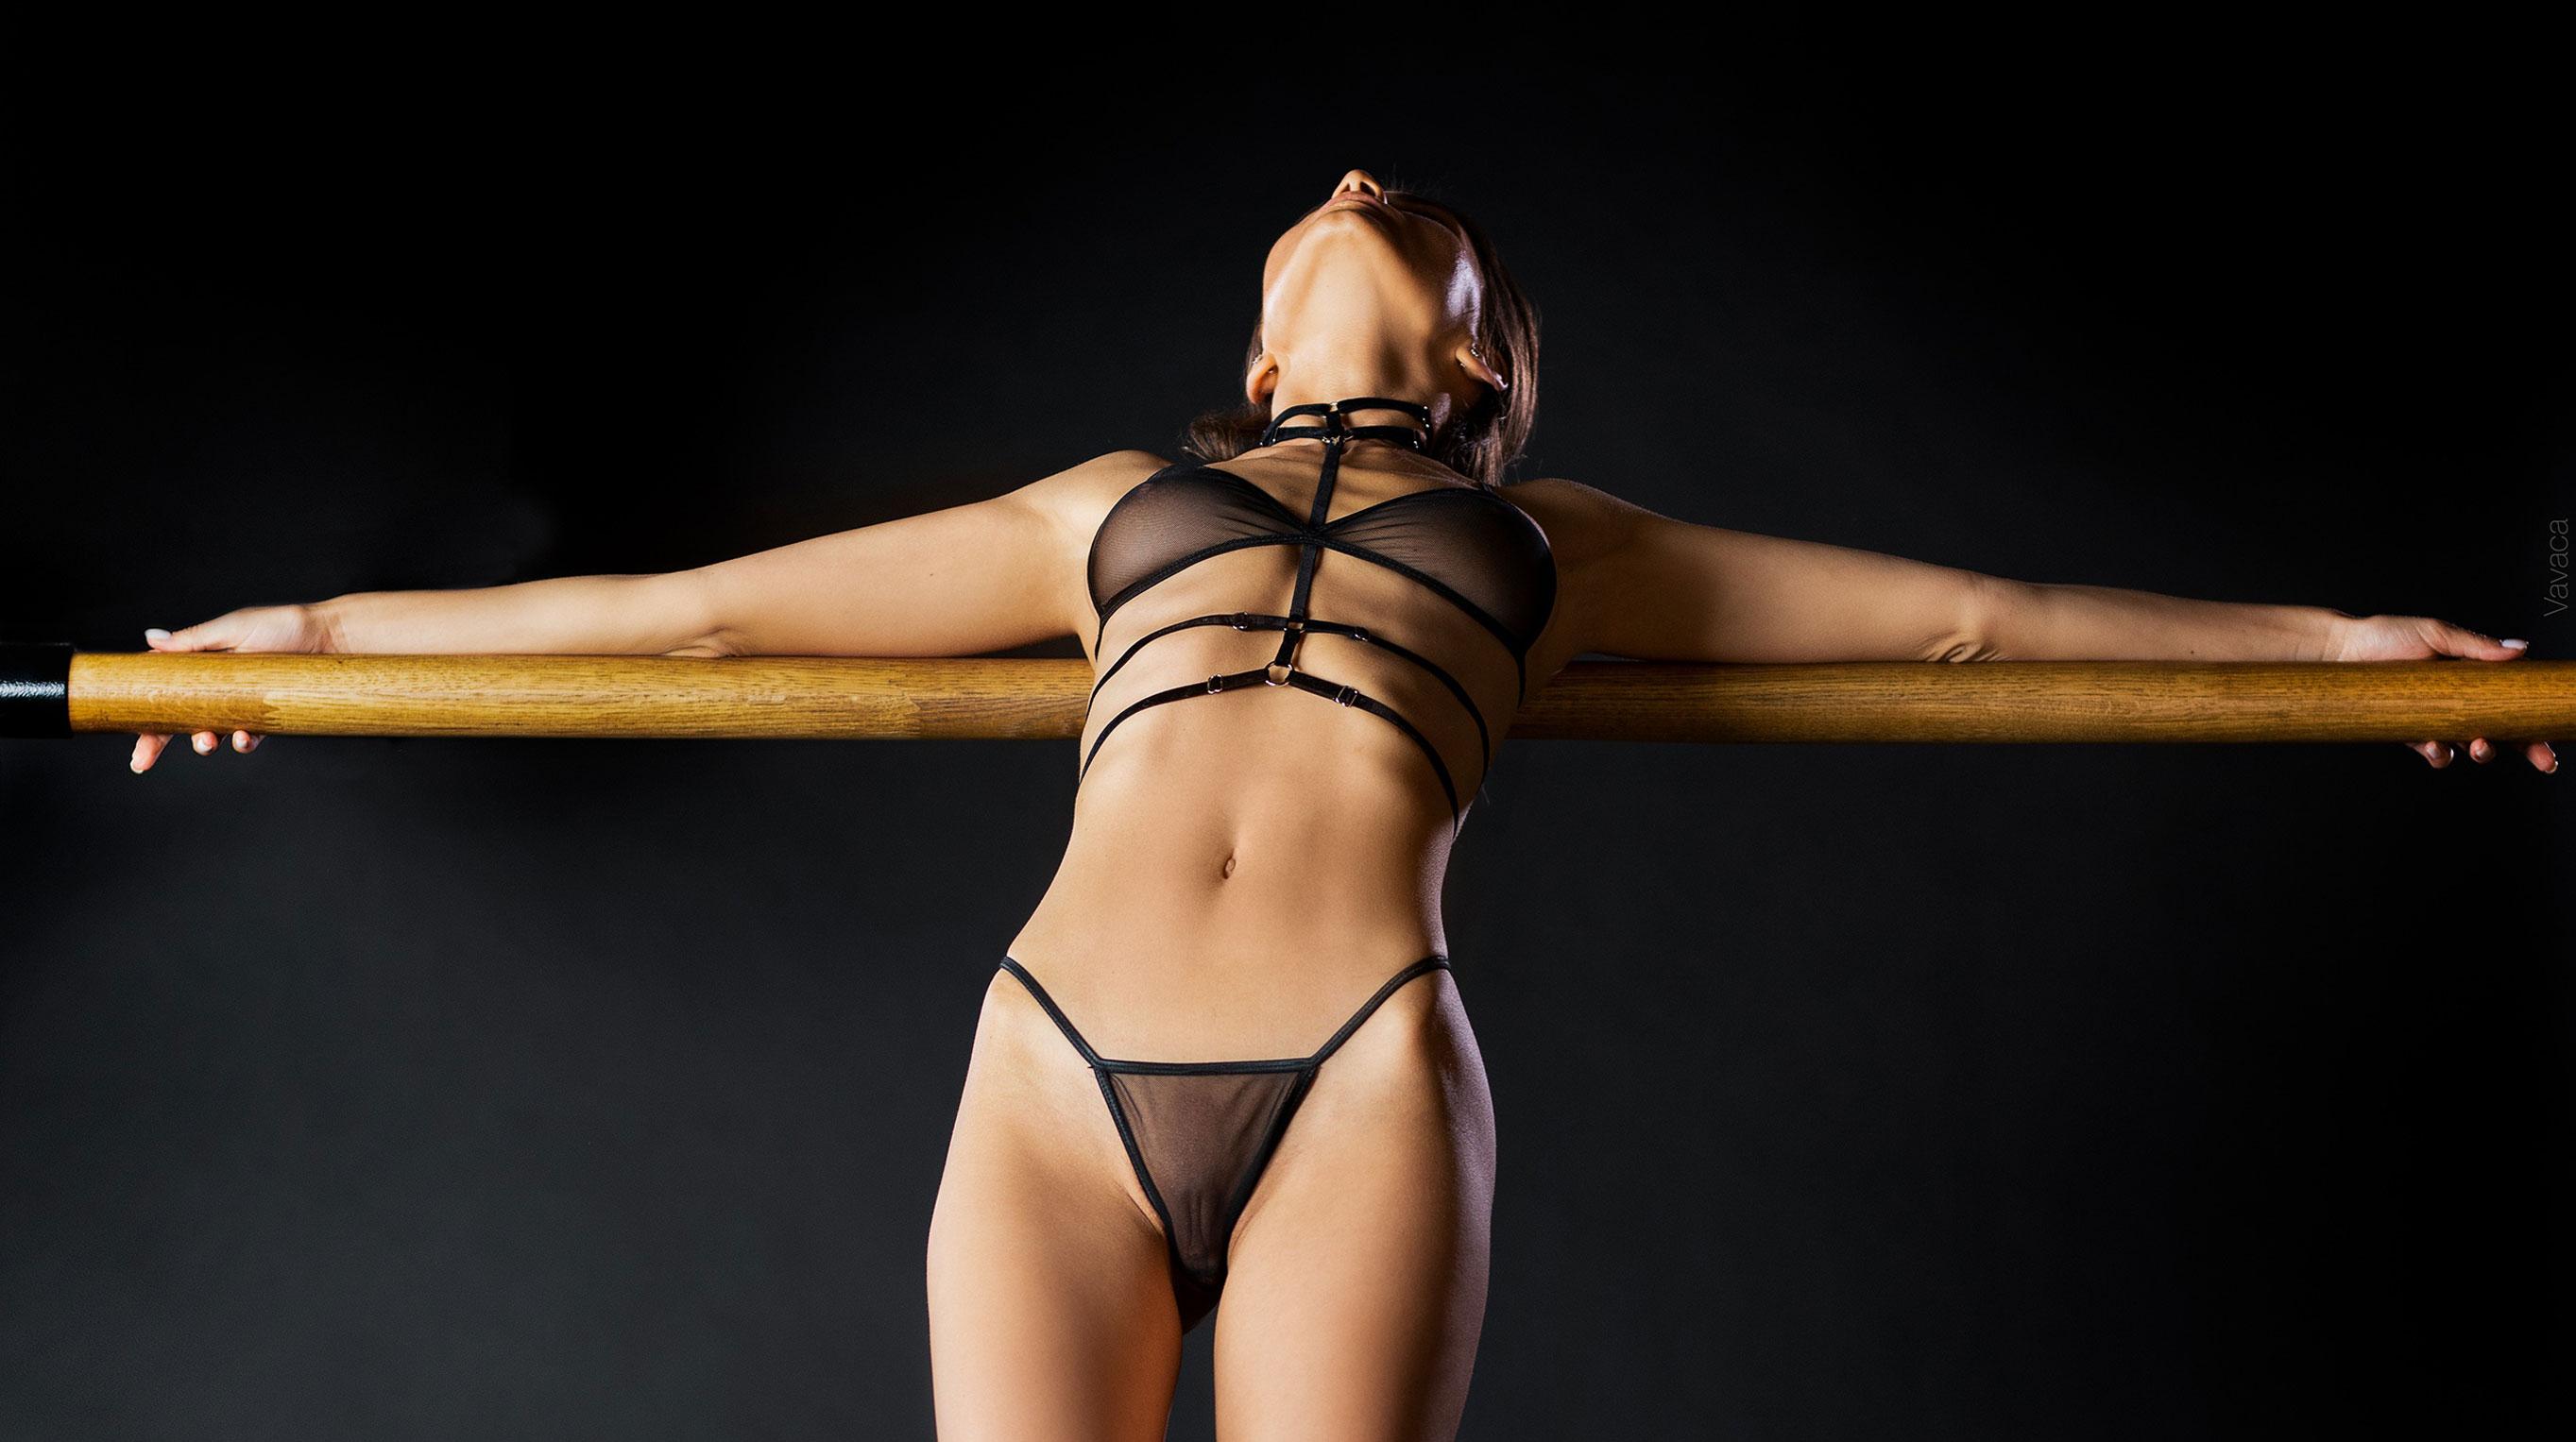 Кристина Макарова в гимнастическом зале / фото 01